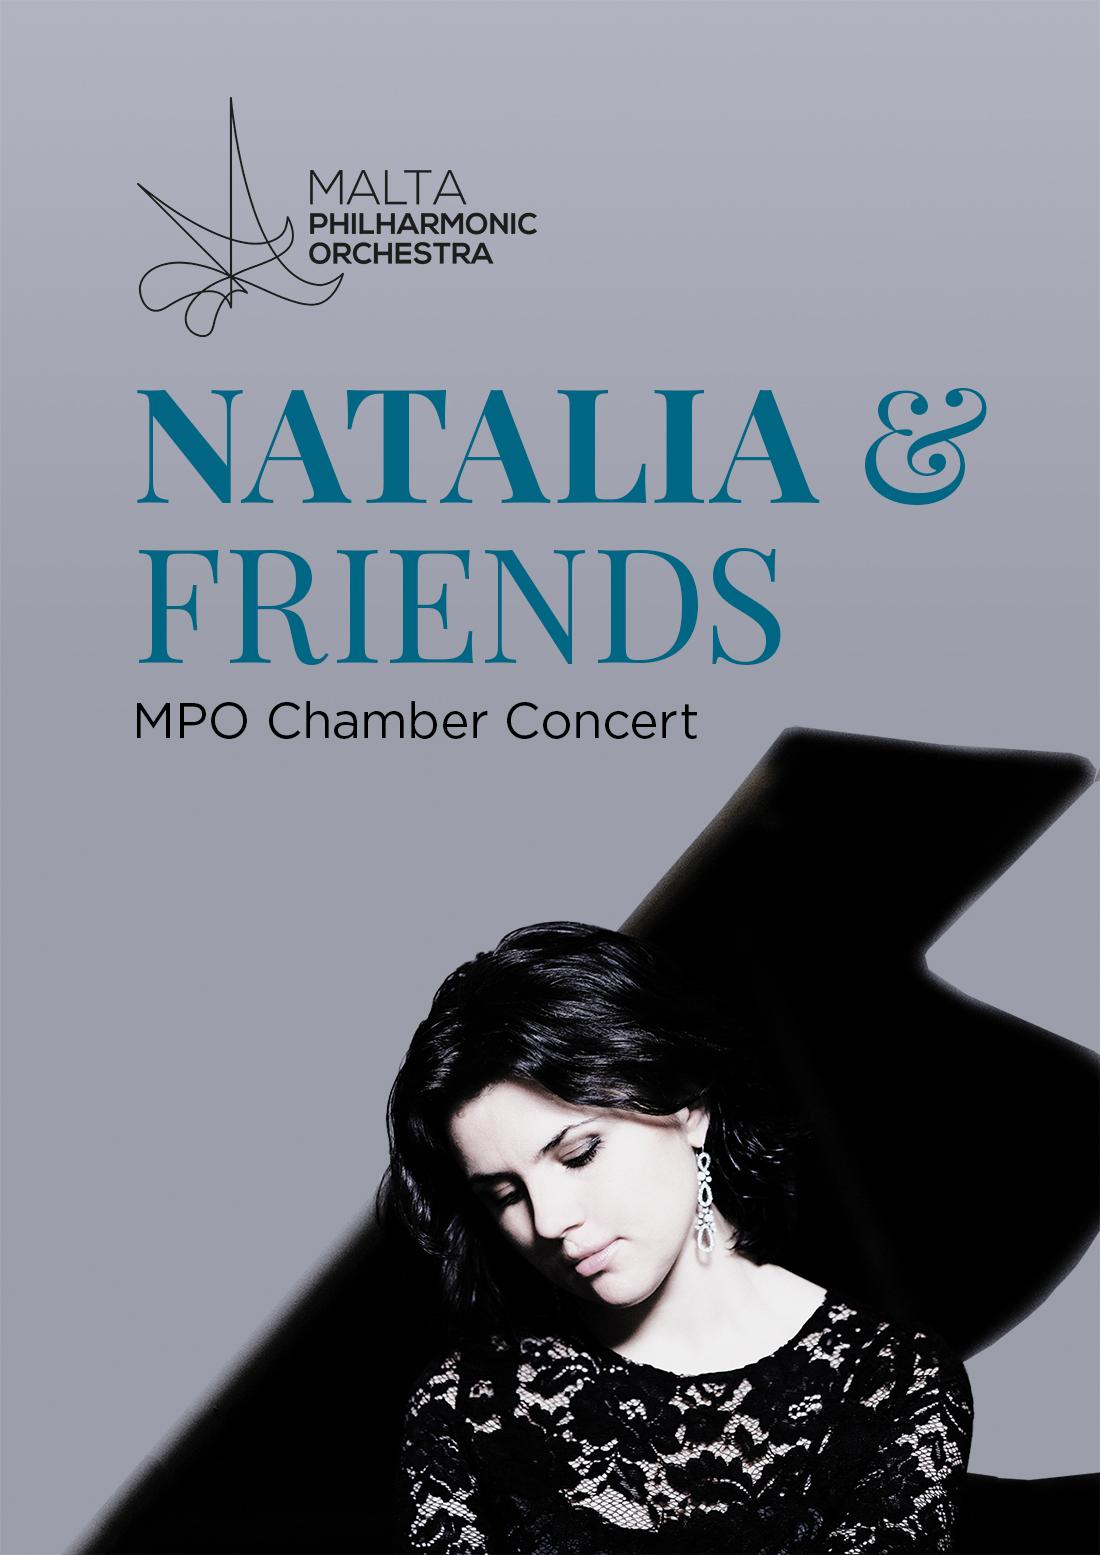 Natalia & Friends